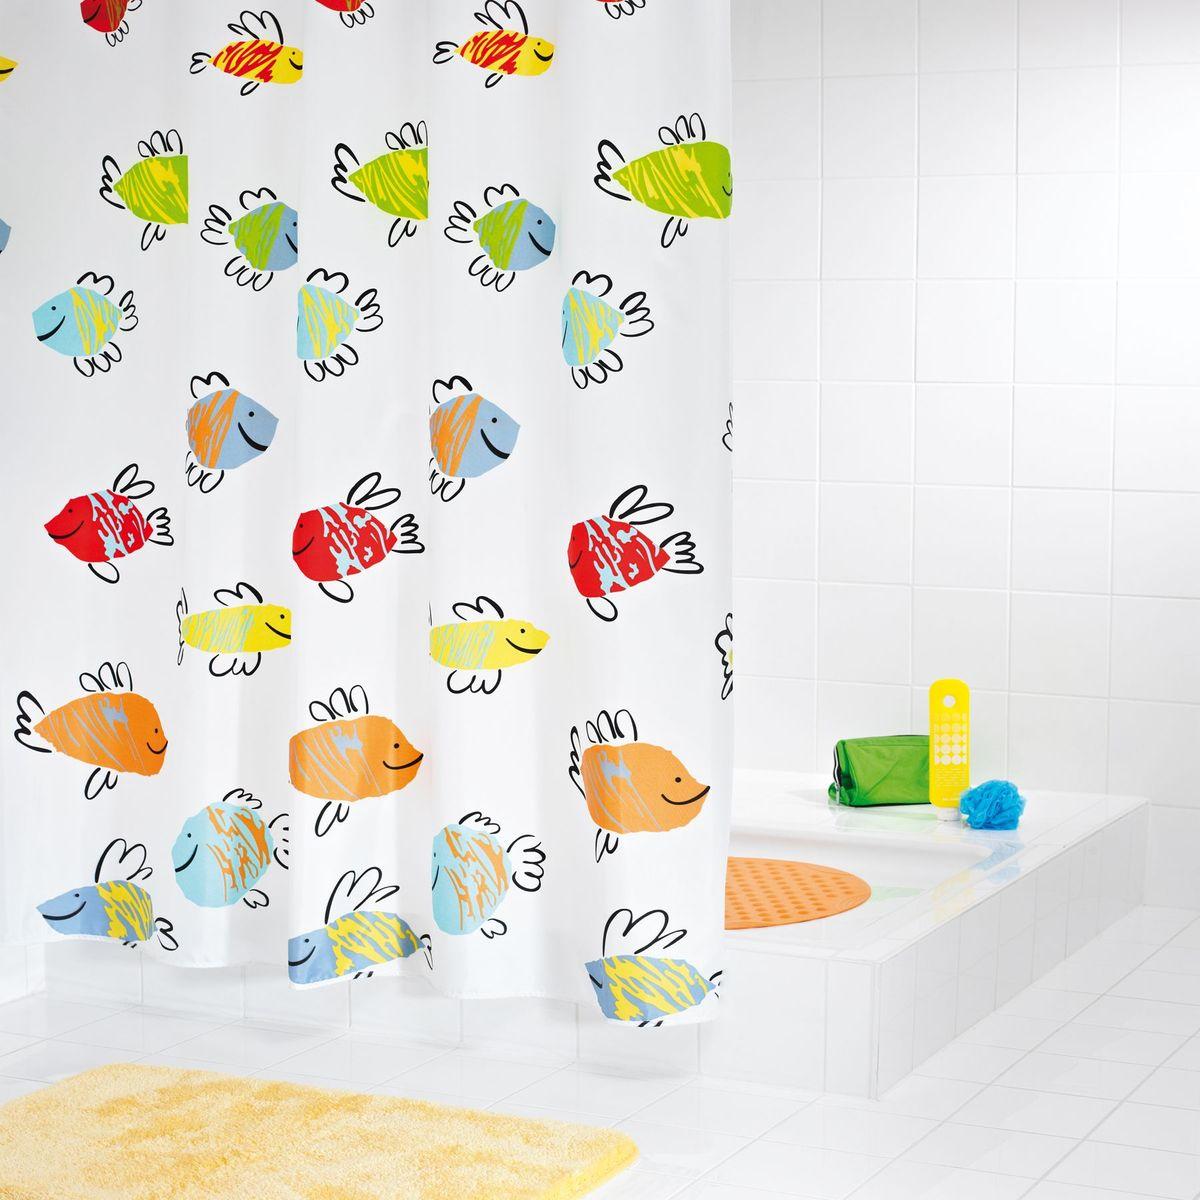 Штора для ванной комнаты Ridder Malawi, цвет: белый, мультиколор, 180 х 200 см штора для ванной комнаты vanstore zober цвет белый 180 х 180 см